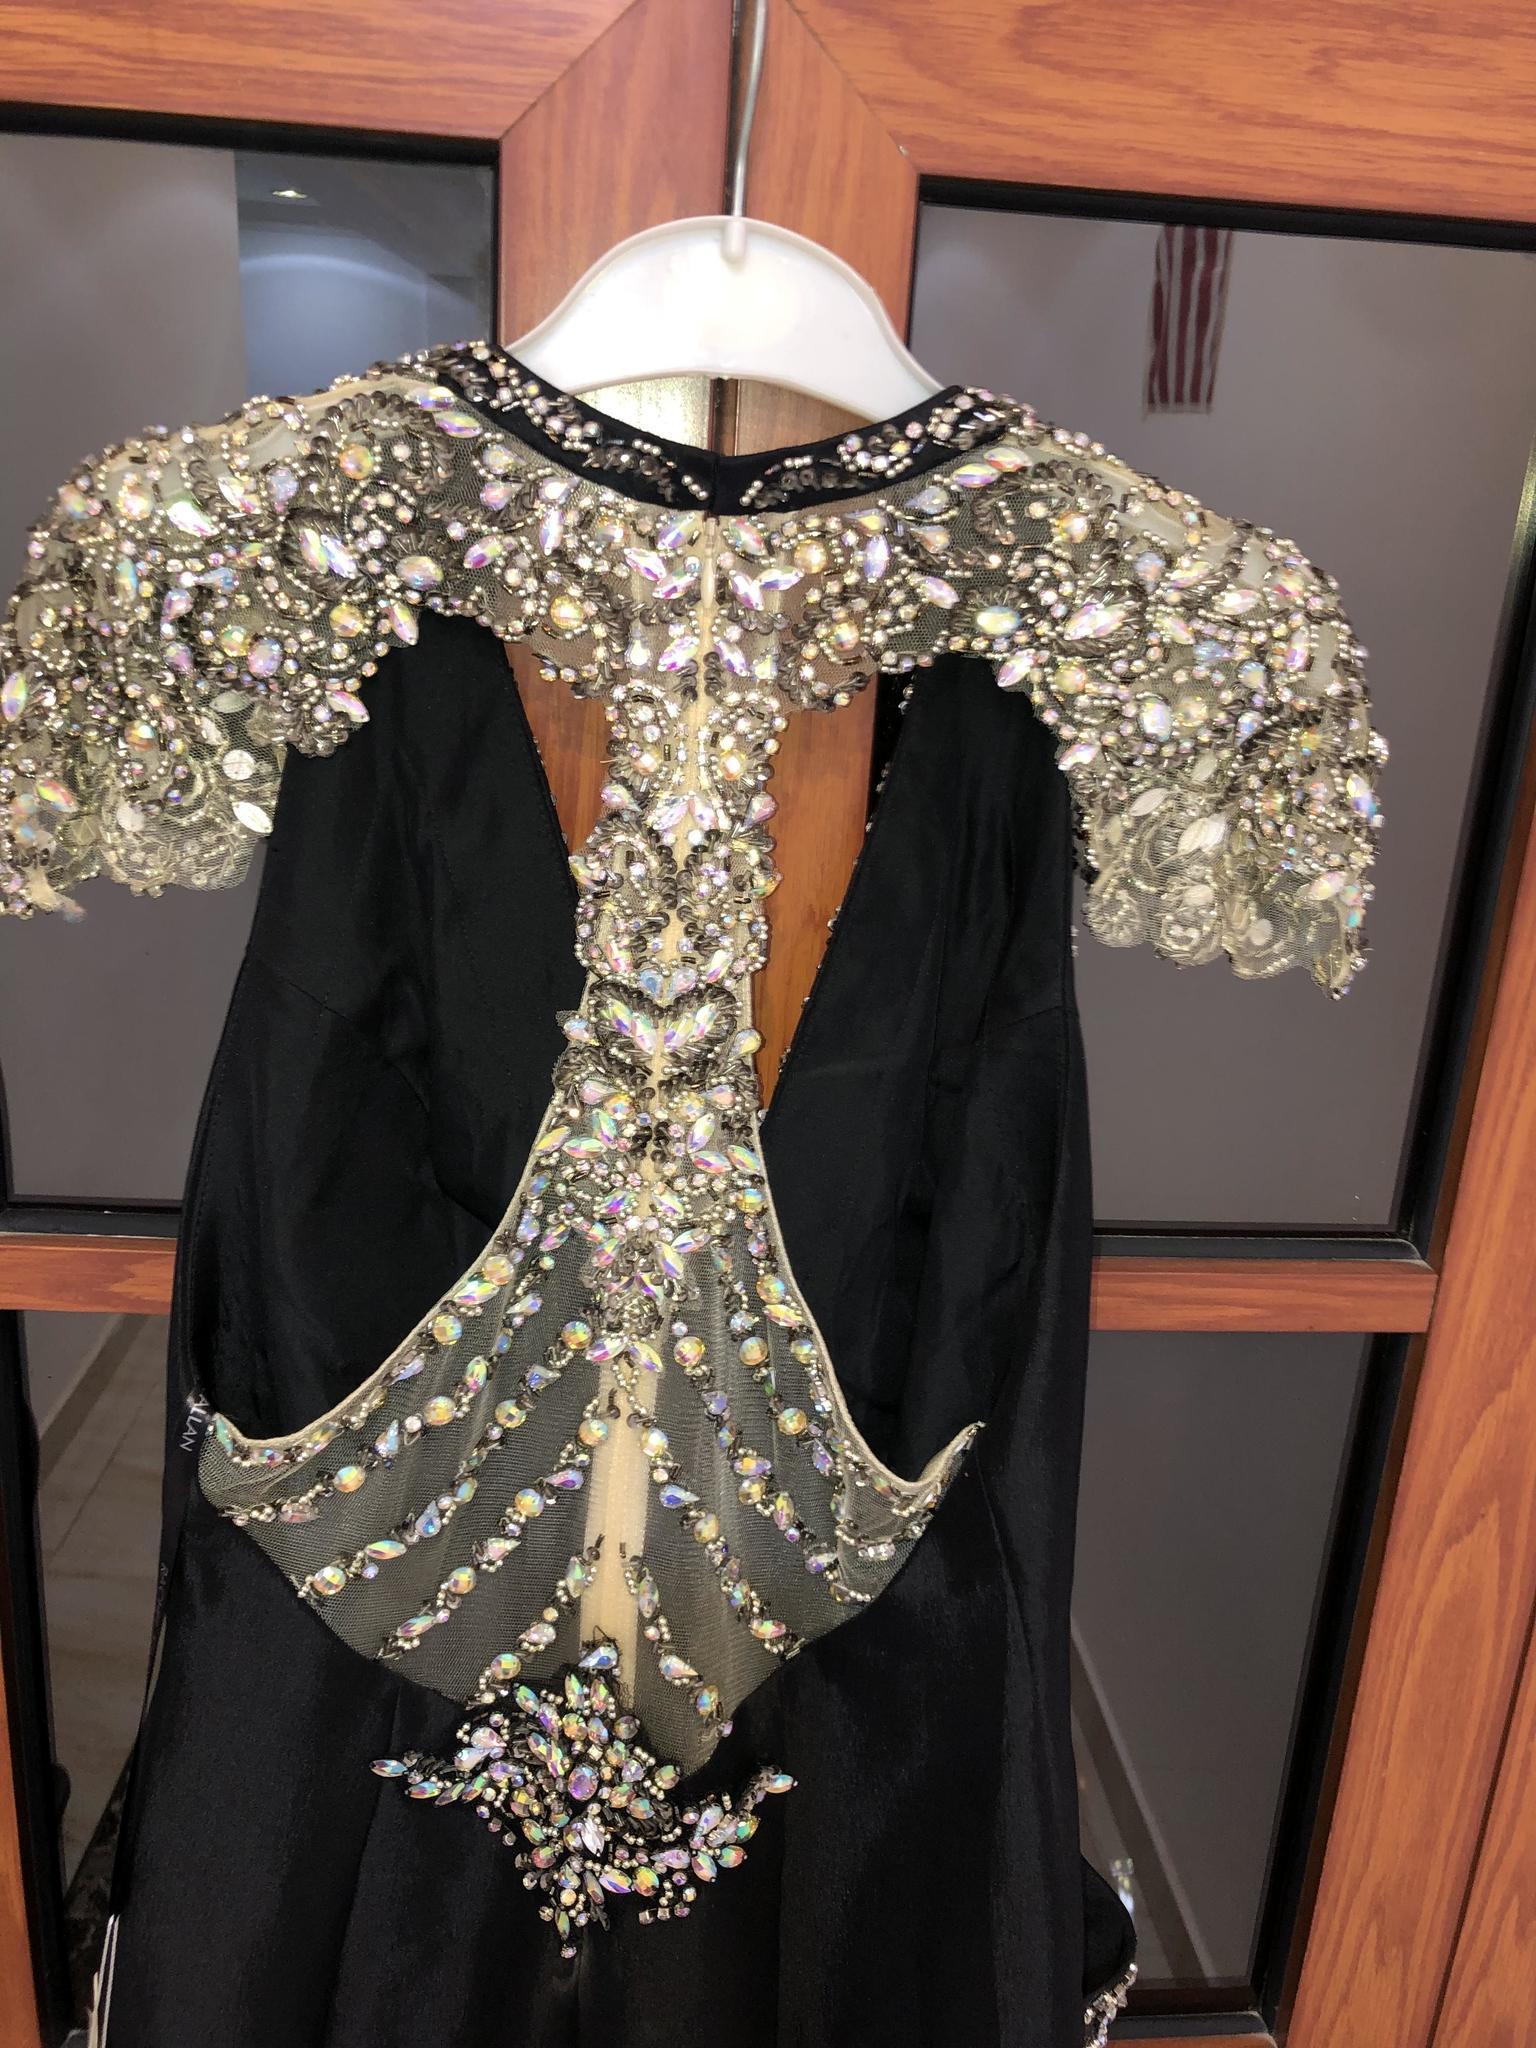 New dress from rachel allan